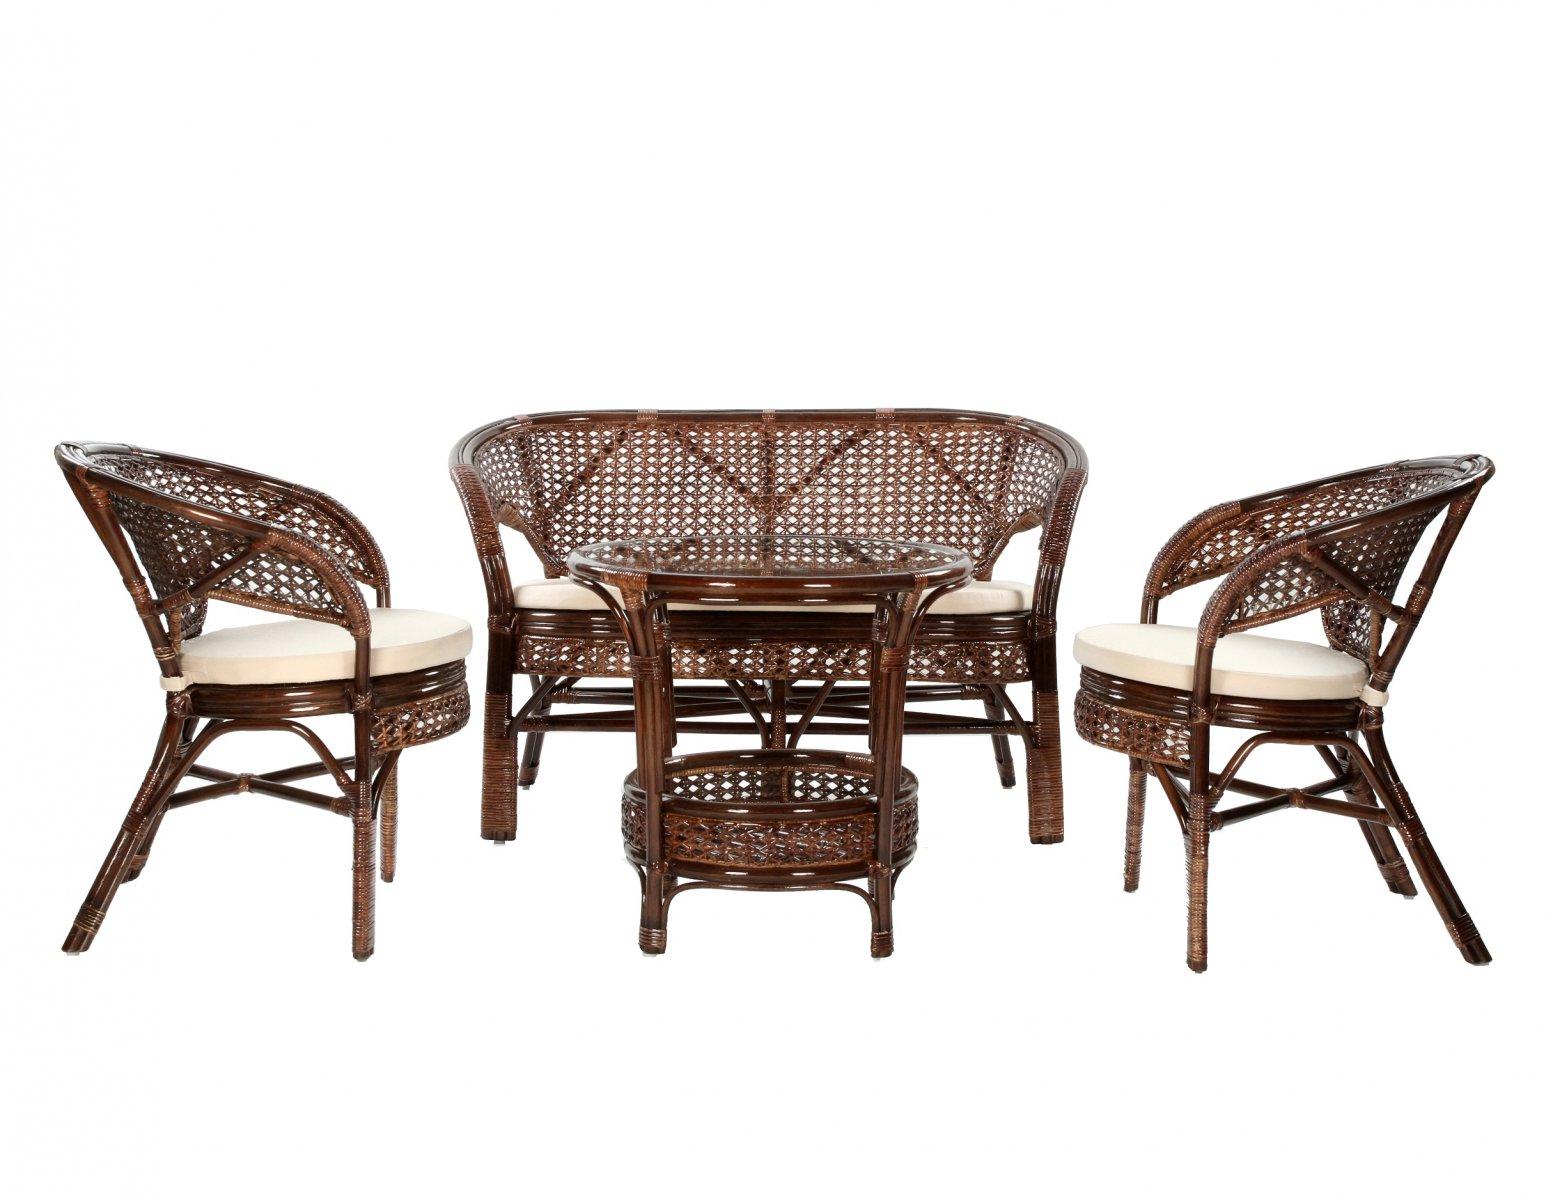 Komplet wypoczynkowy recznie wykonany z rattanu okragly stolik 2 fotele sofa 2-osobowa